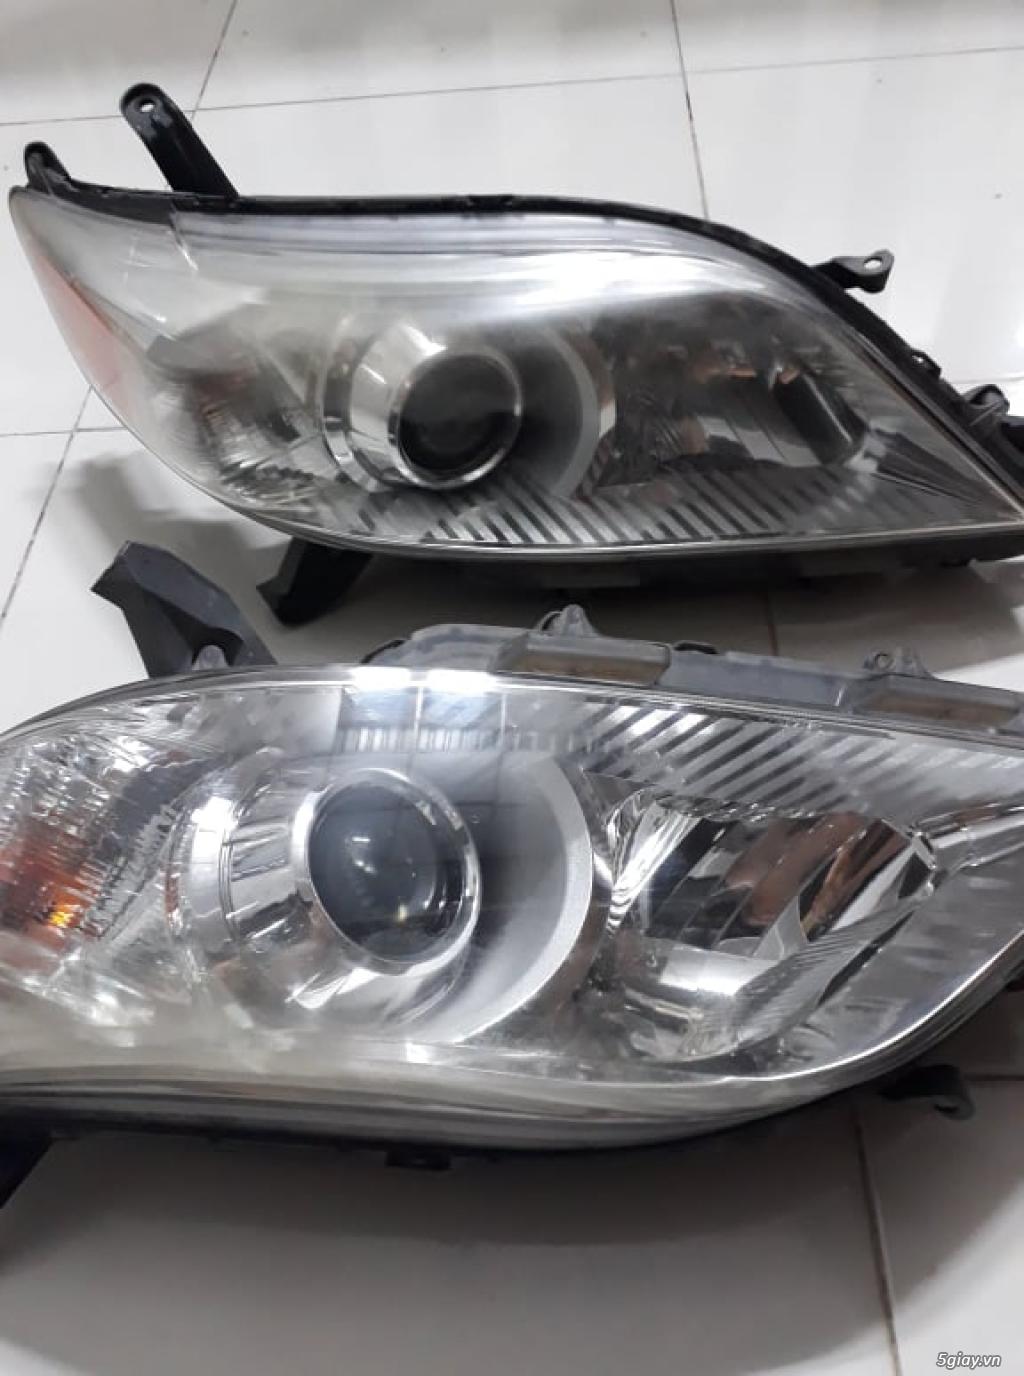 Thay Cặp Đèn Mới Nên Dư Cặp Đèn Trước Toyota Sienna 2012 (xe cty) 80% - 4